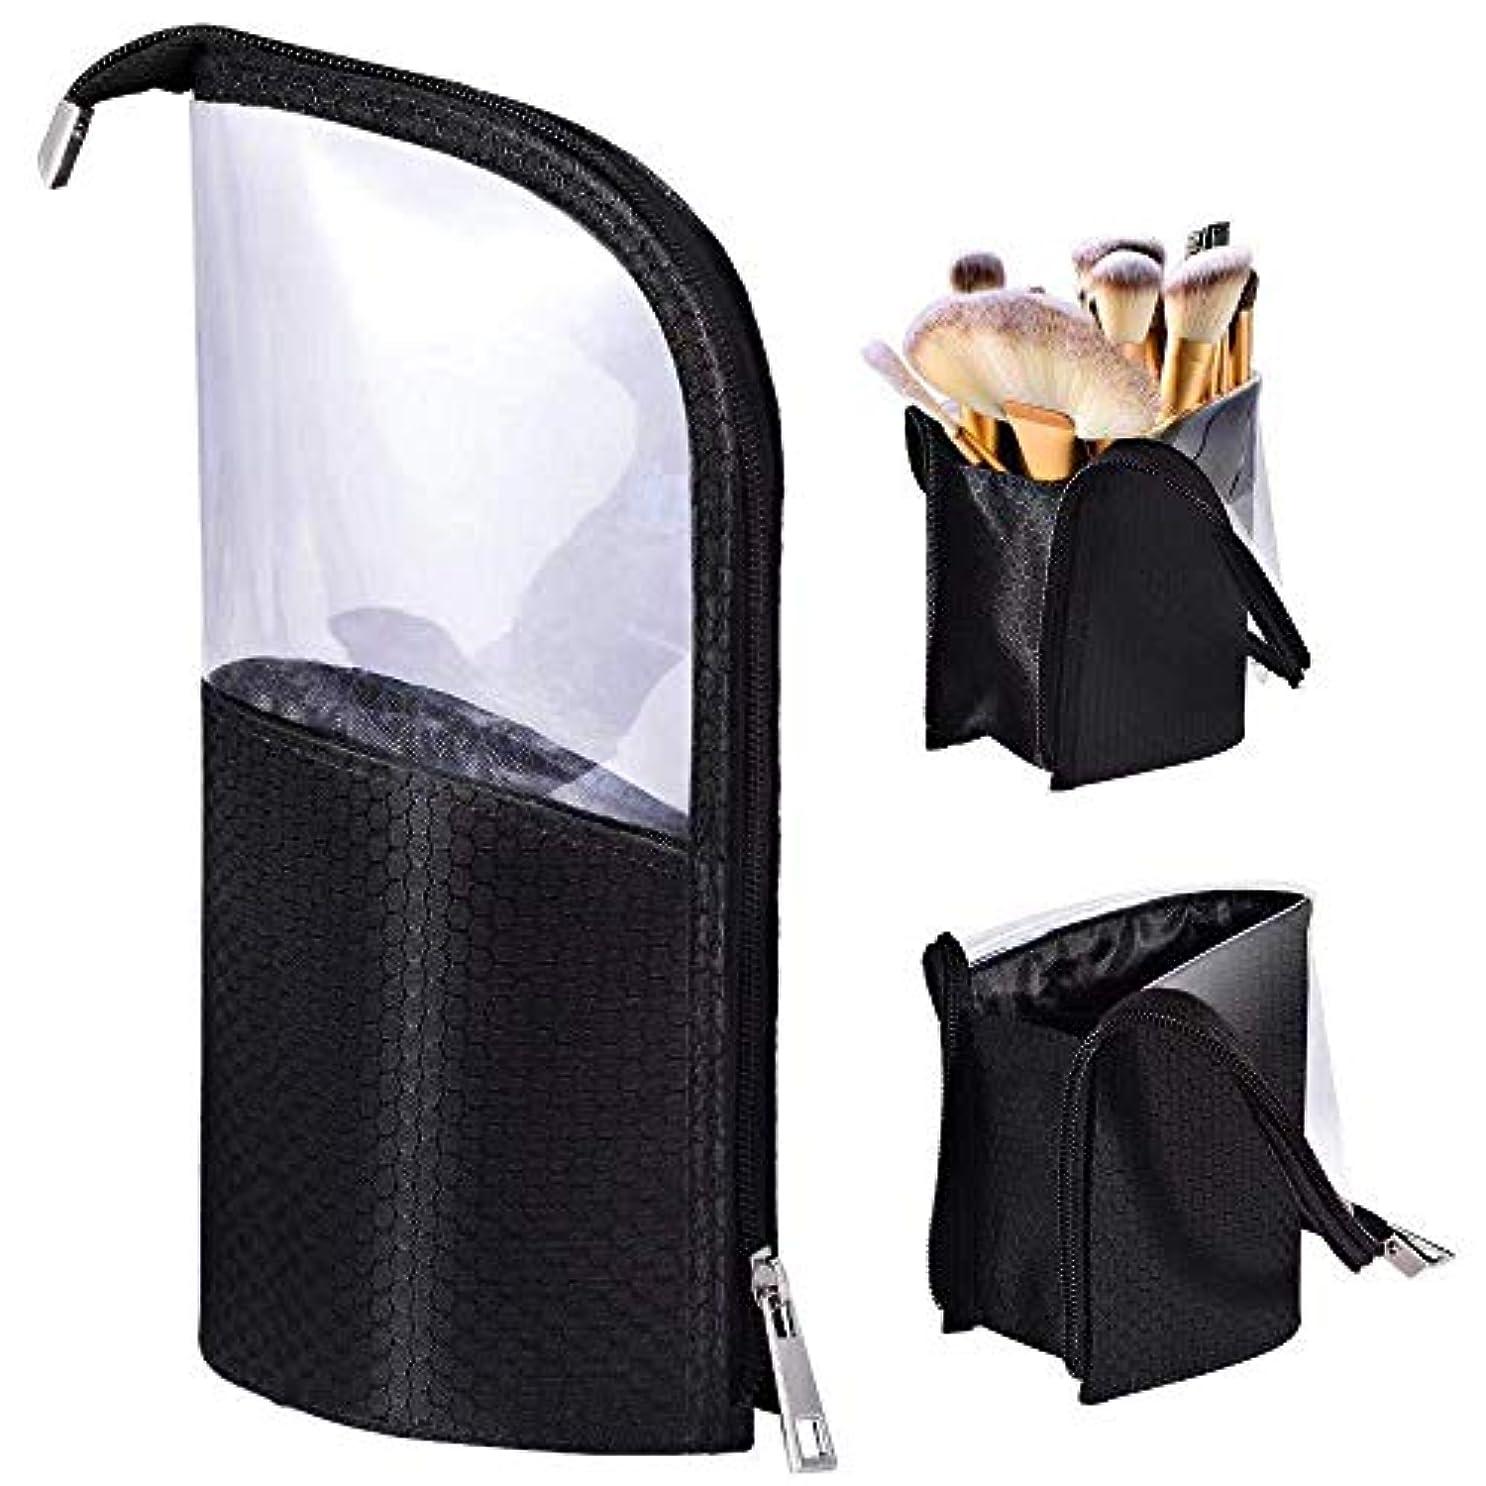 ハンドブック商標ドラフトMOMO ペンケース 化粧筆ポーチ 化粧ポーチ 旅行収納 筆箱 小物入れ メイクブラシホルダー バッグ スタンド ケース 24本収納